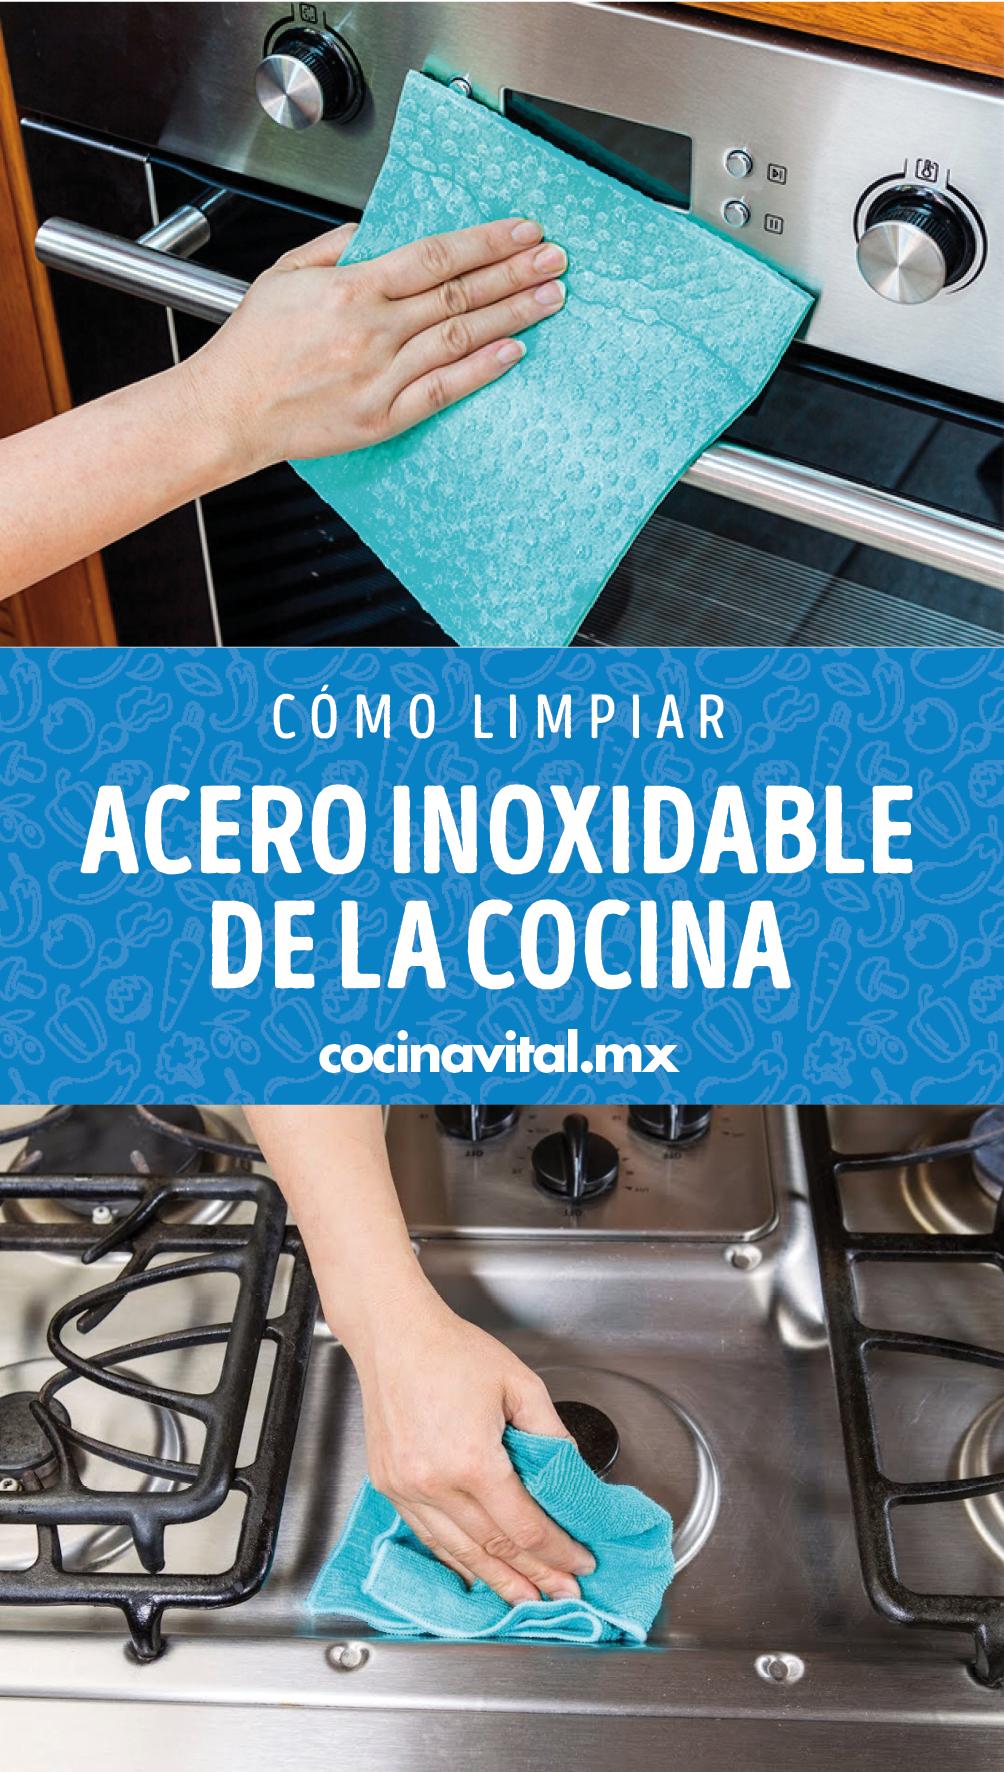 Cómo limpiar el acero inoxidable de la cocina